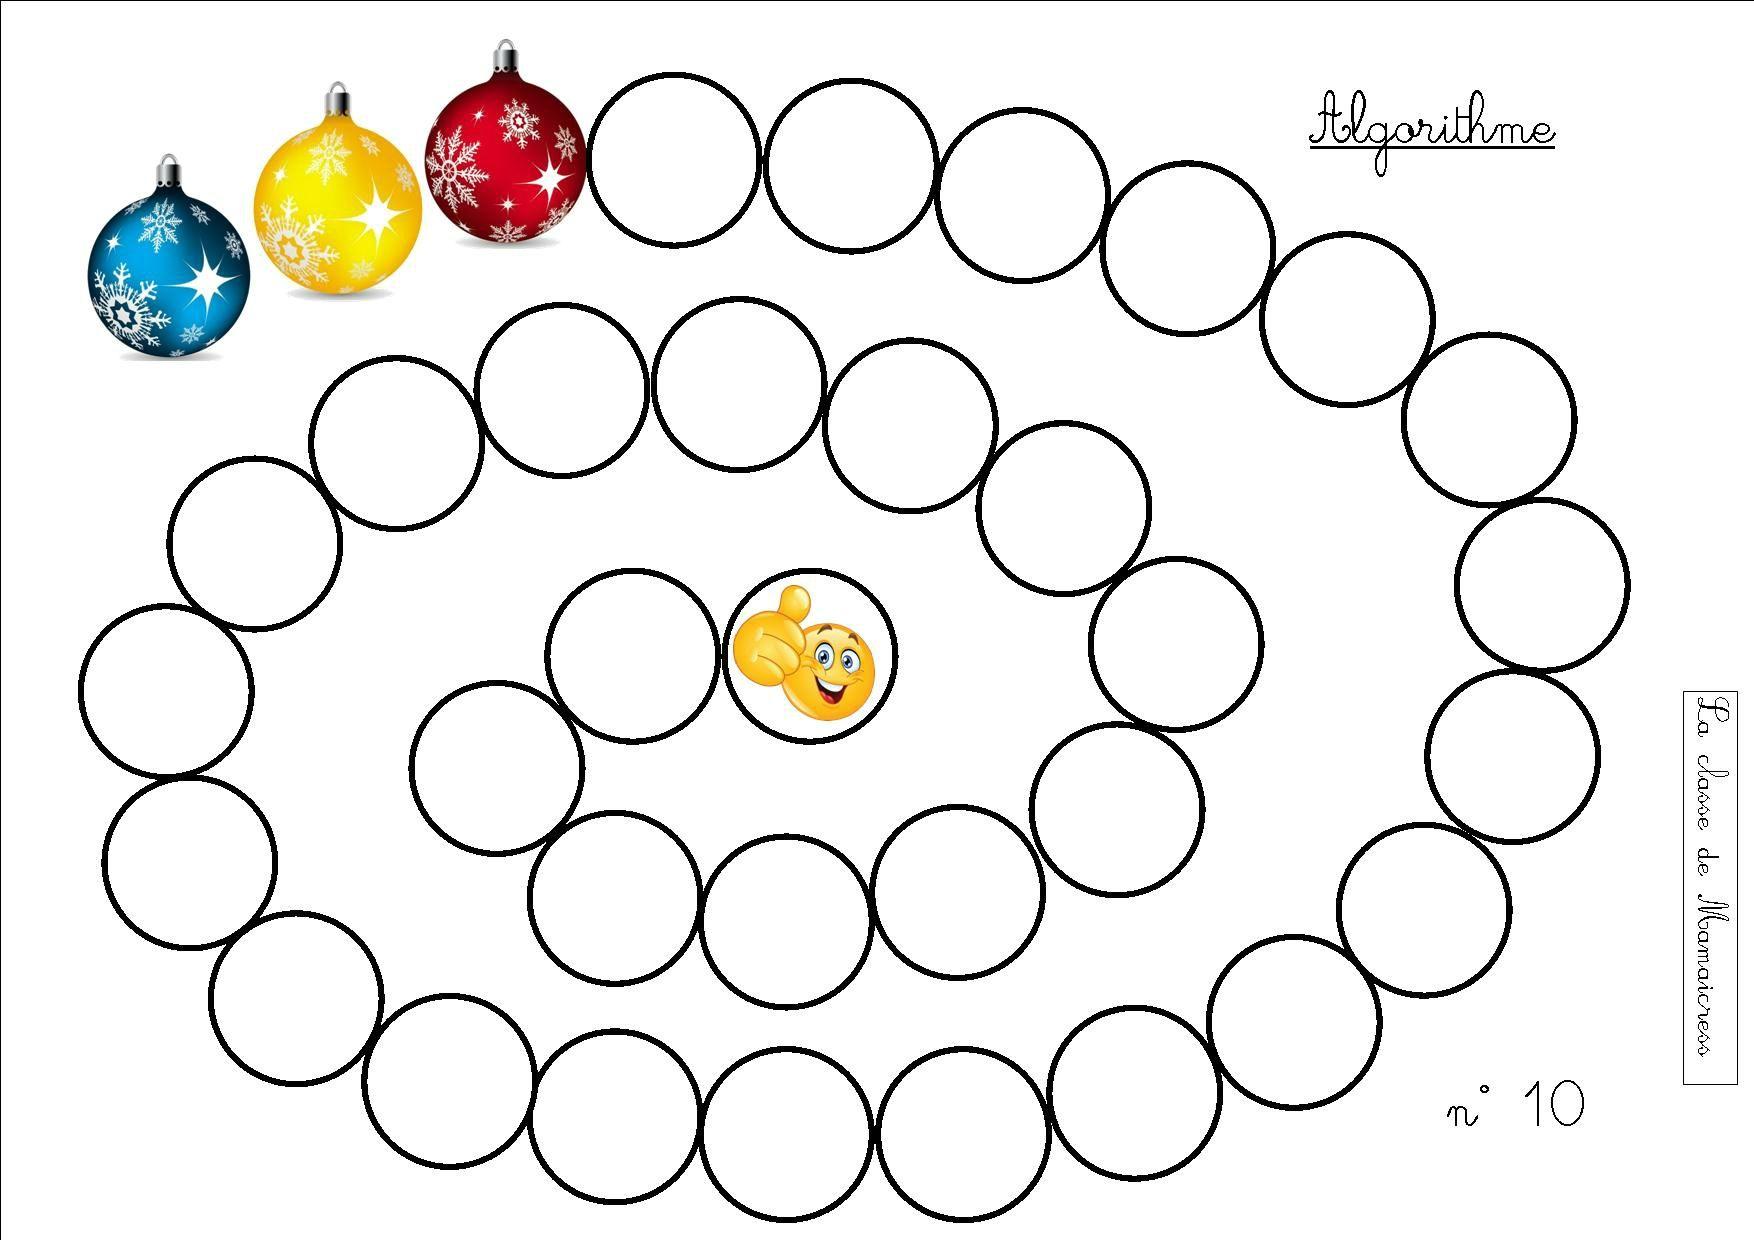 Algorithmes De Noel